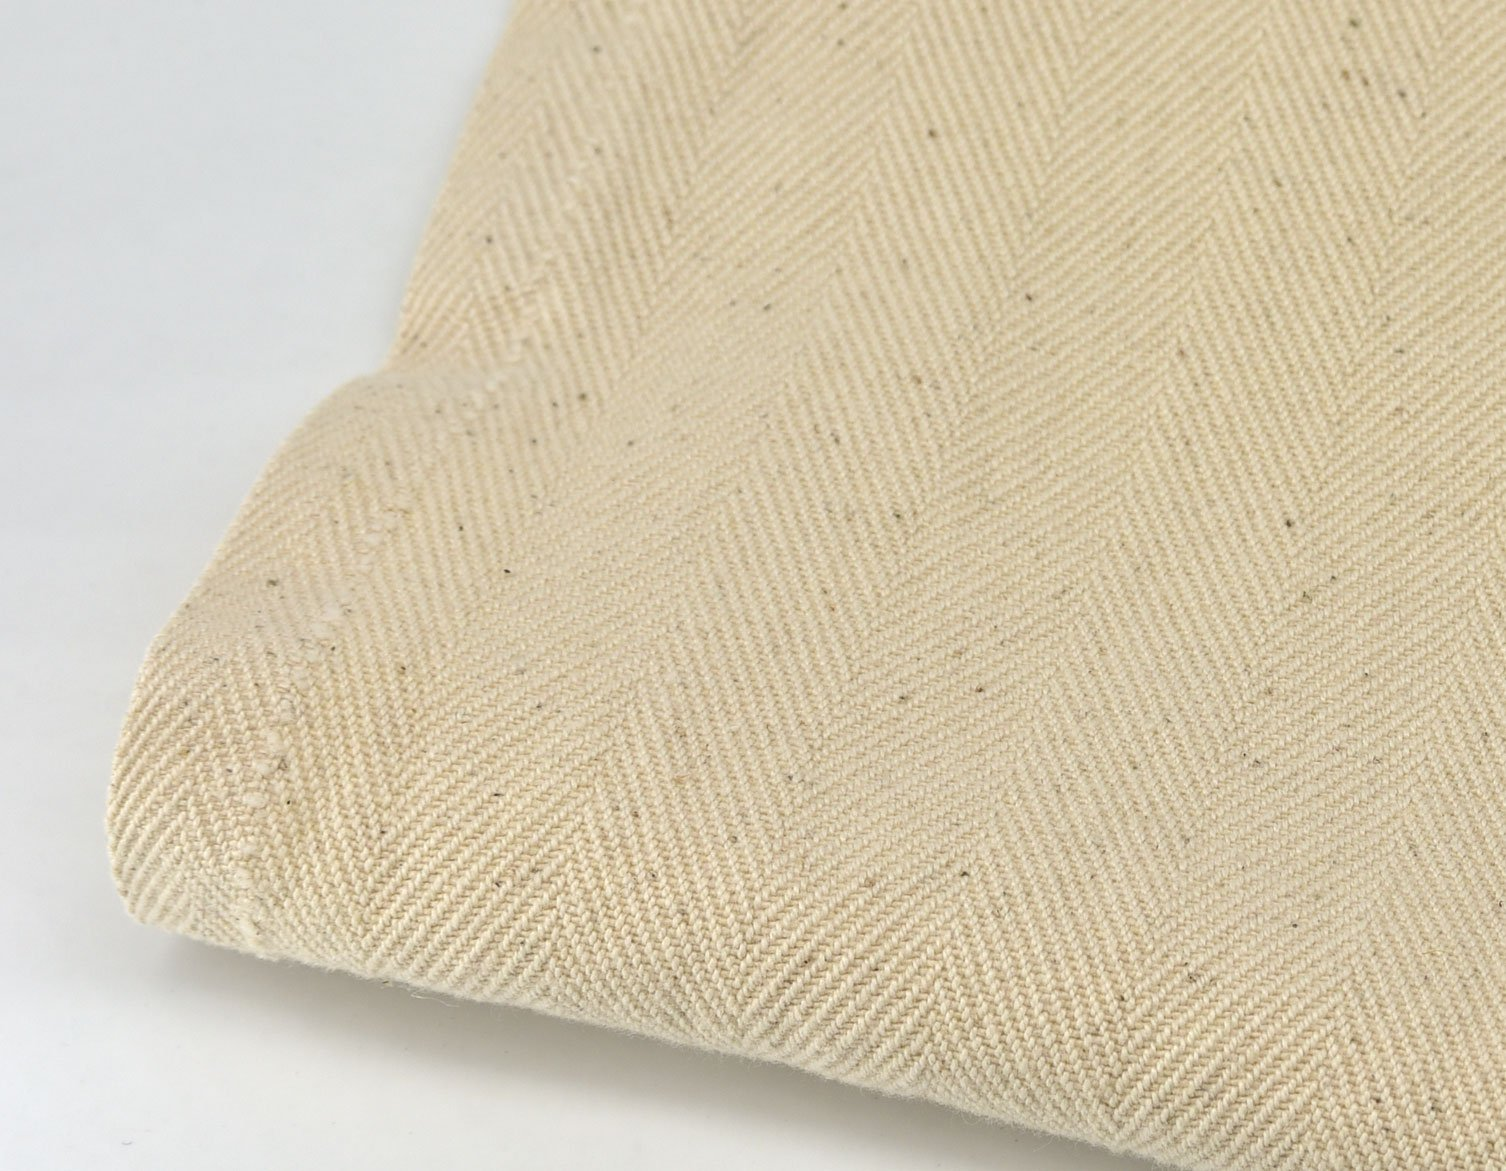 herringbone blended cotton natural colour linen